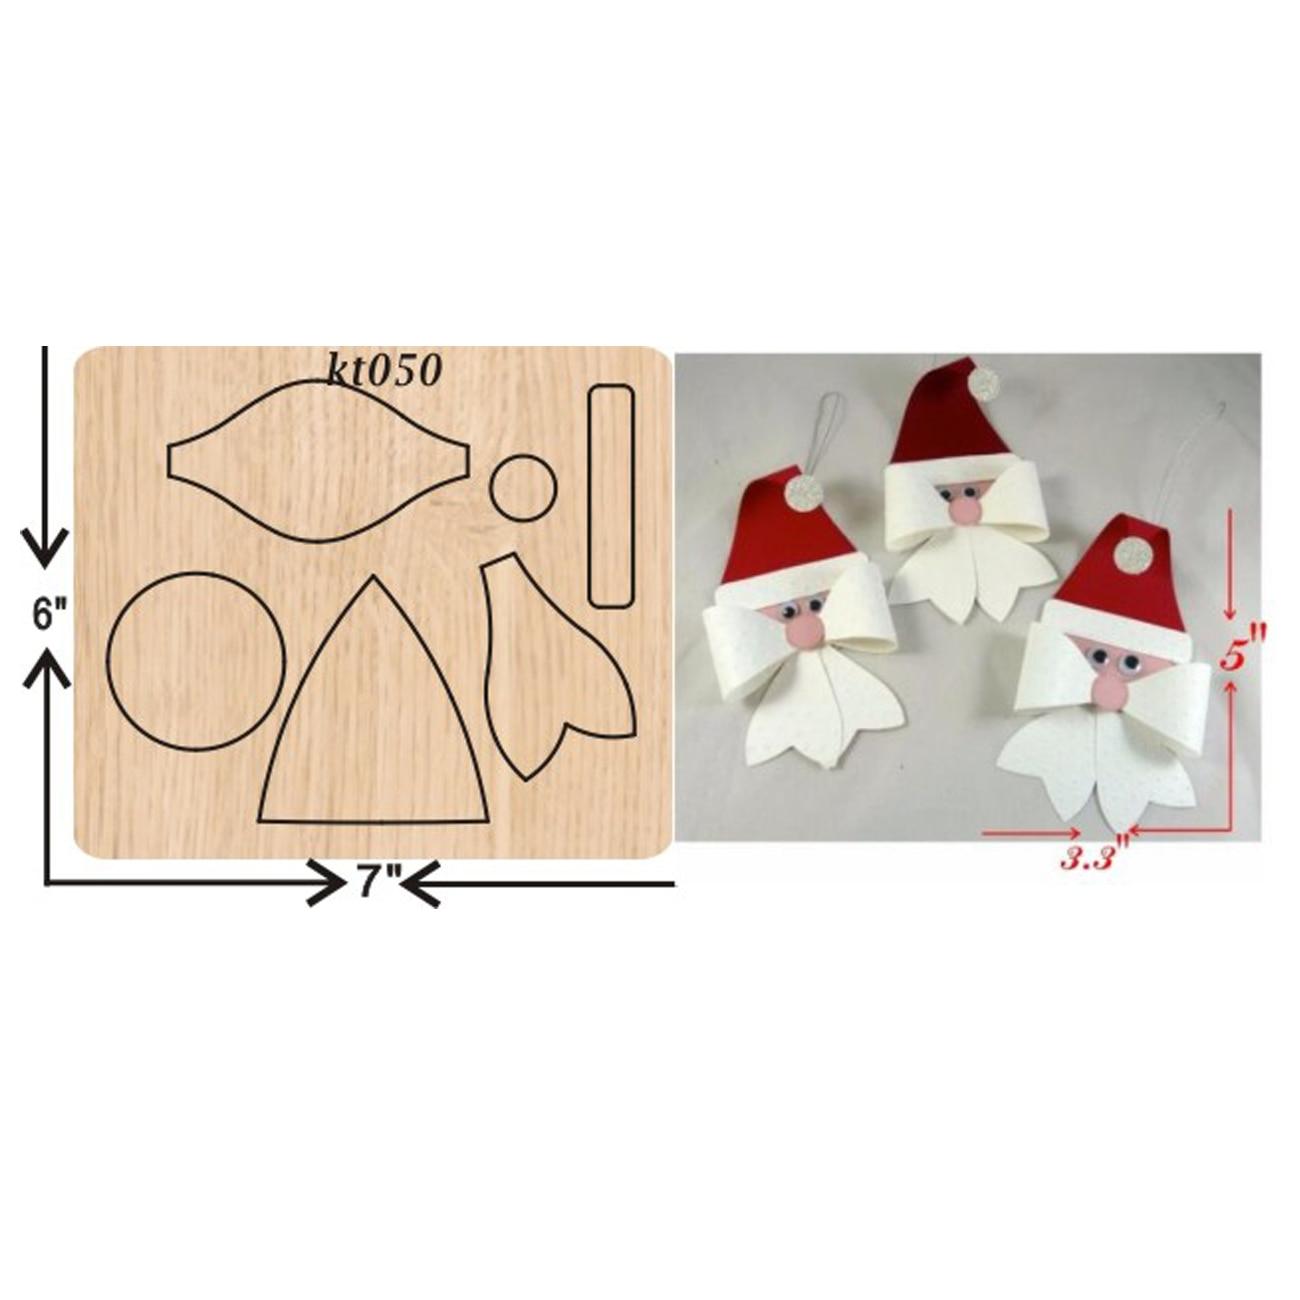 Santa Claus troqueles de corte 2019 nuevos troquelados y troqueles de madera adecuados para máquinas de troquelado comunes en el mercado